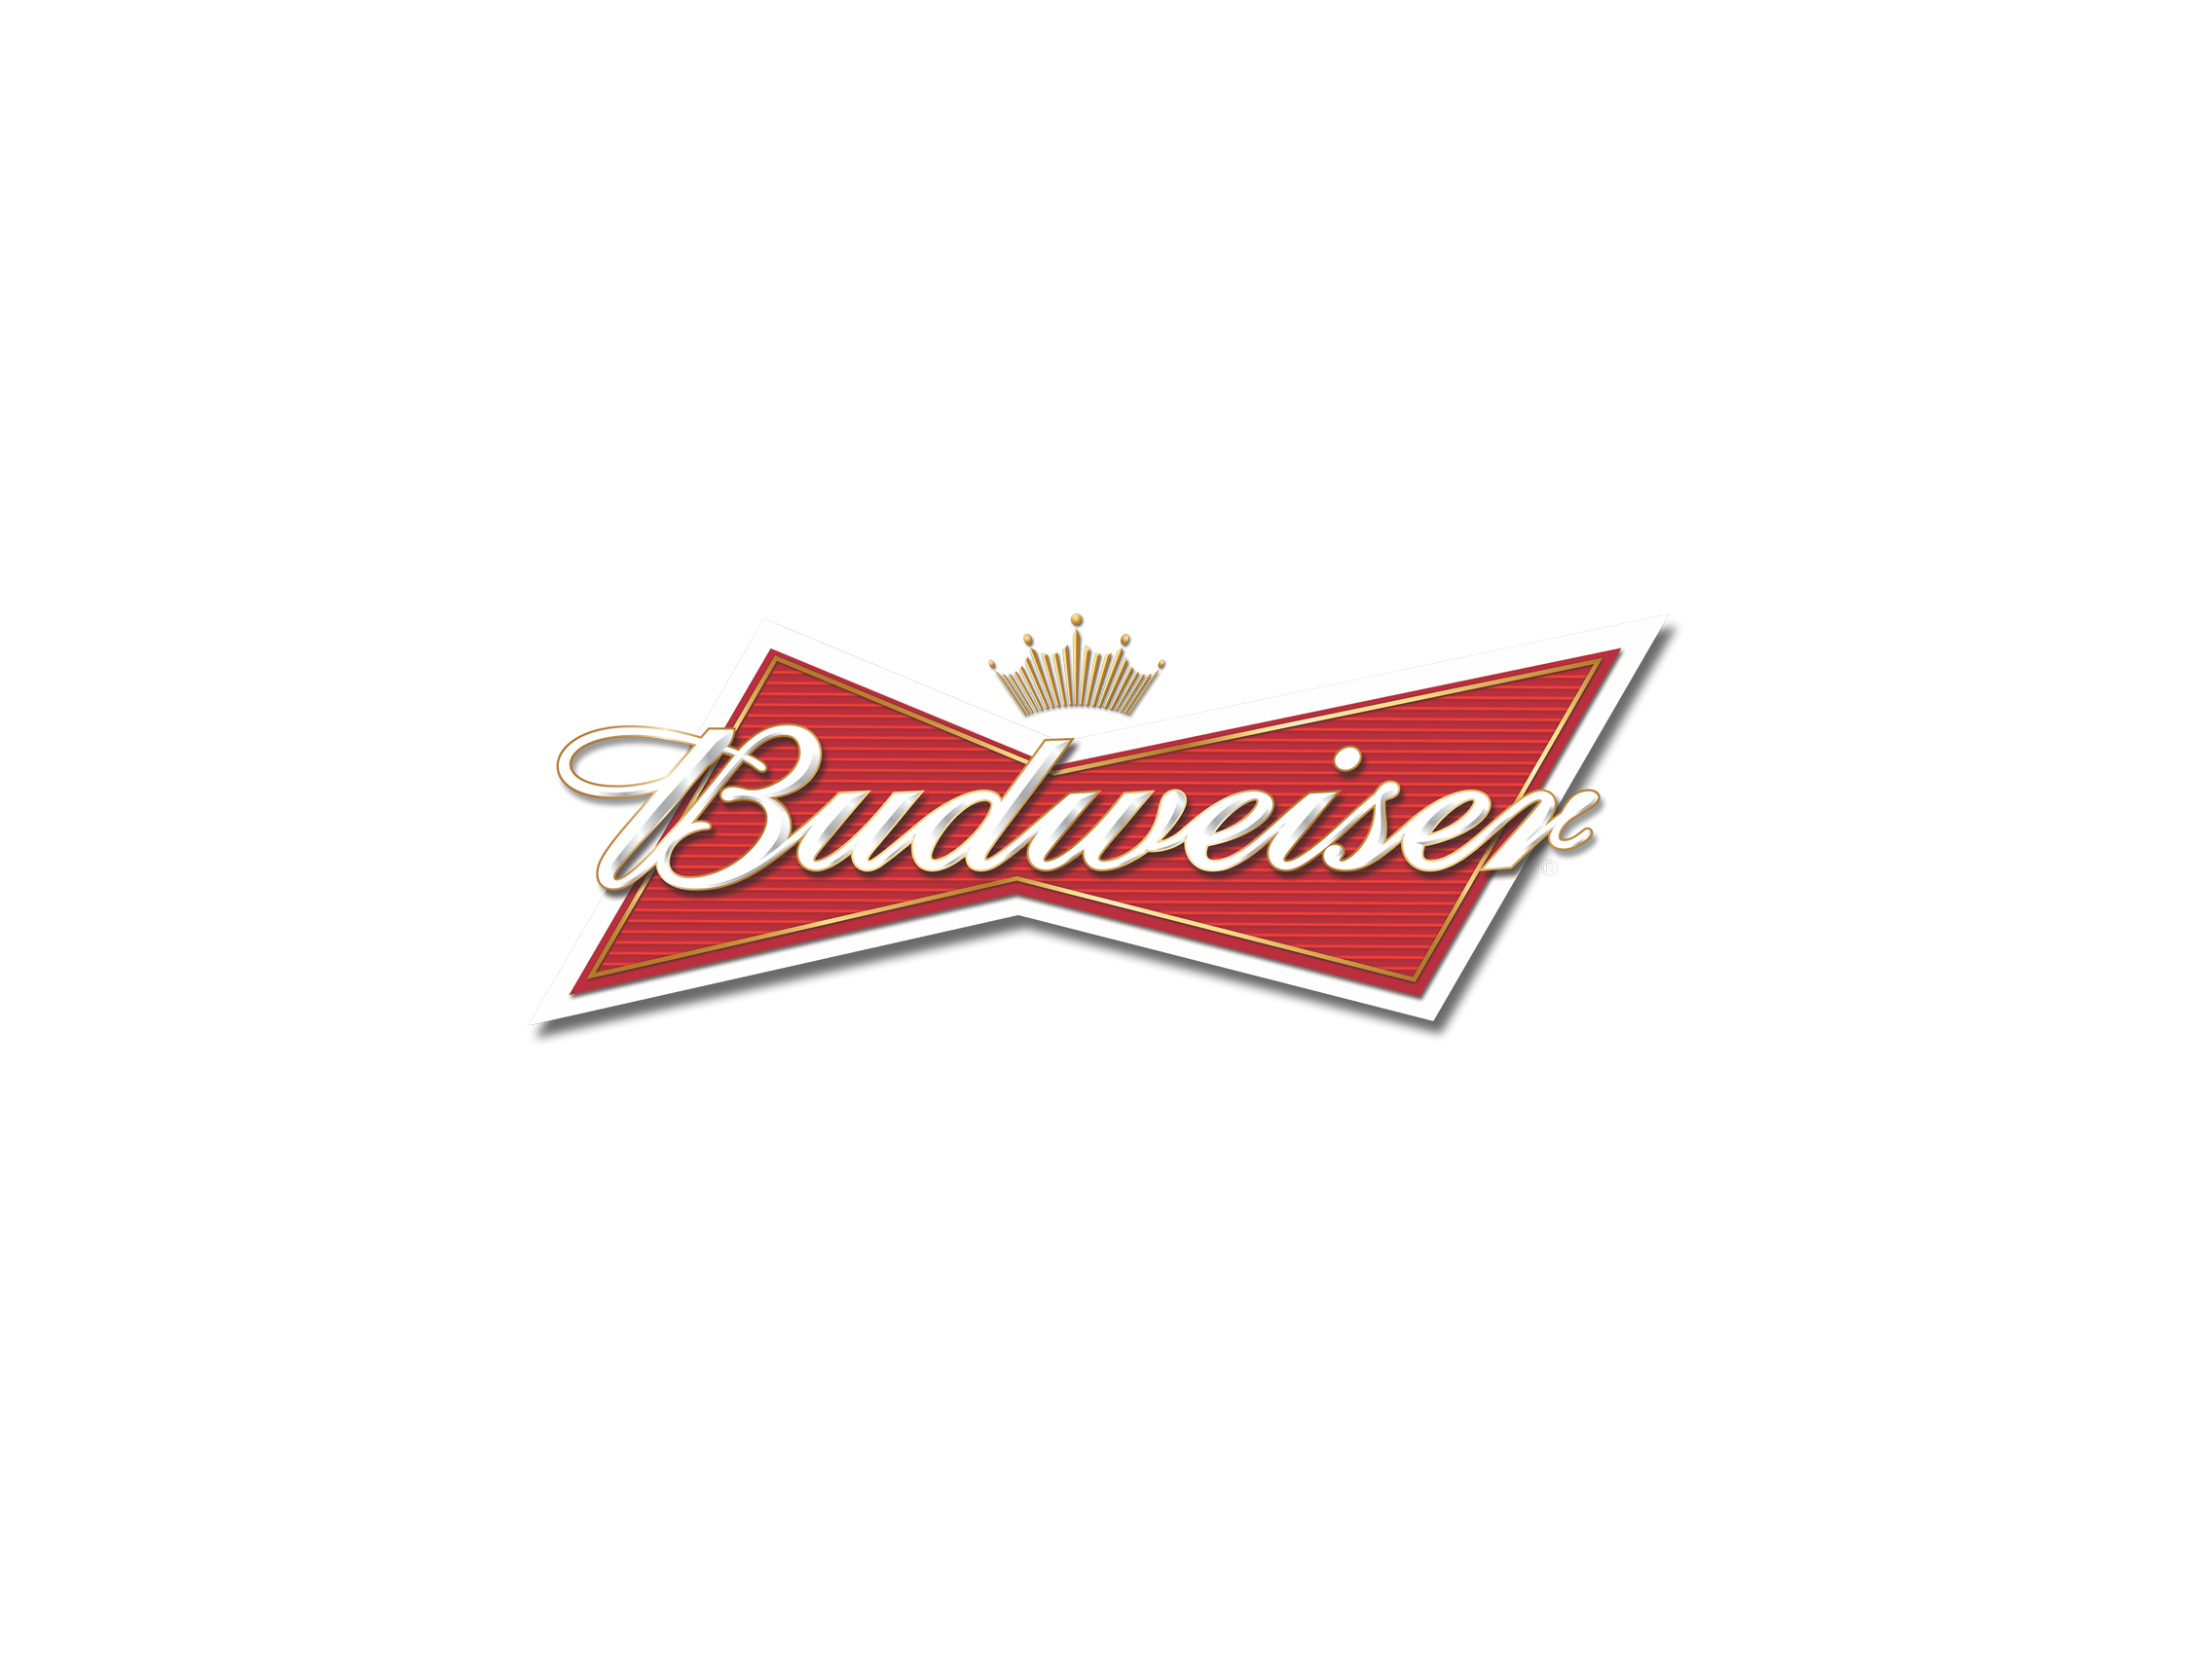 Budweiser large logo png #1495